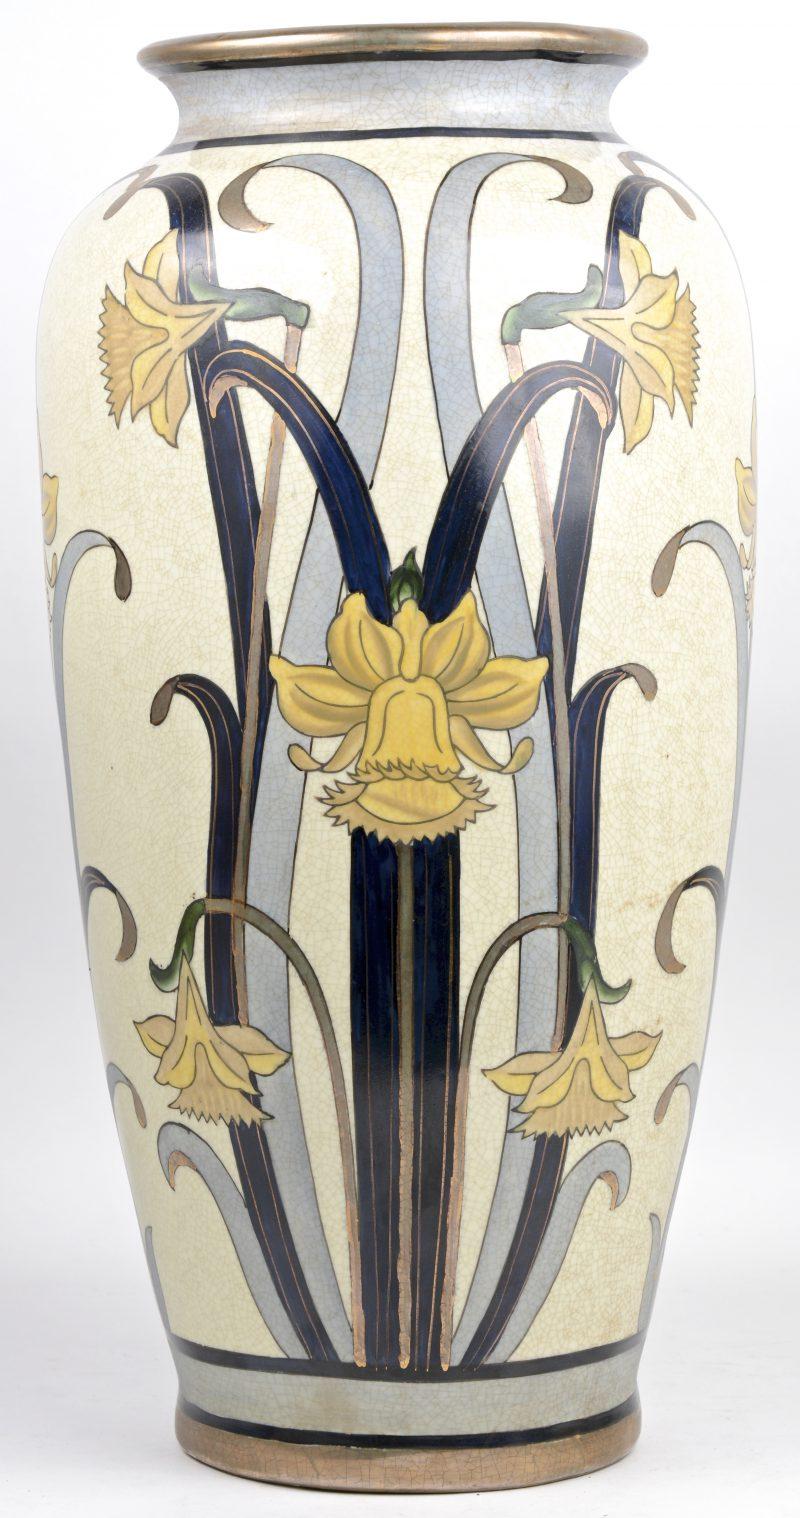 Een art nouveau vaas van aardewerk met een meerkleurig decor van narcissen. Gesigneerd 'G. Fieravino'